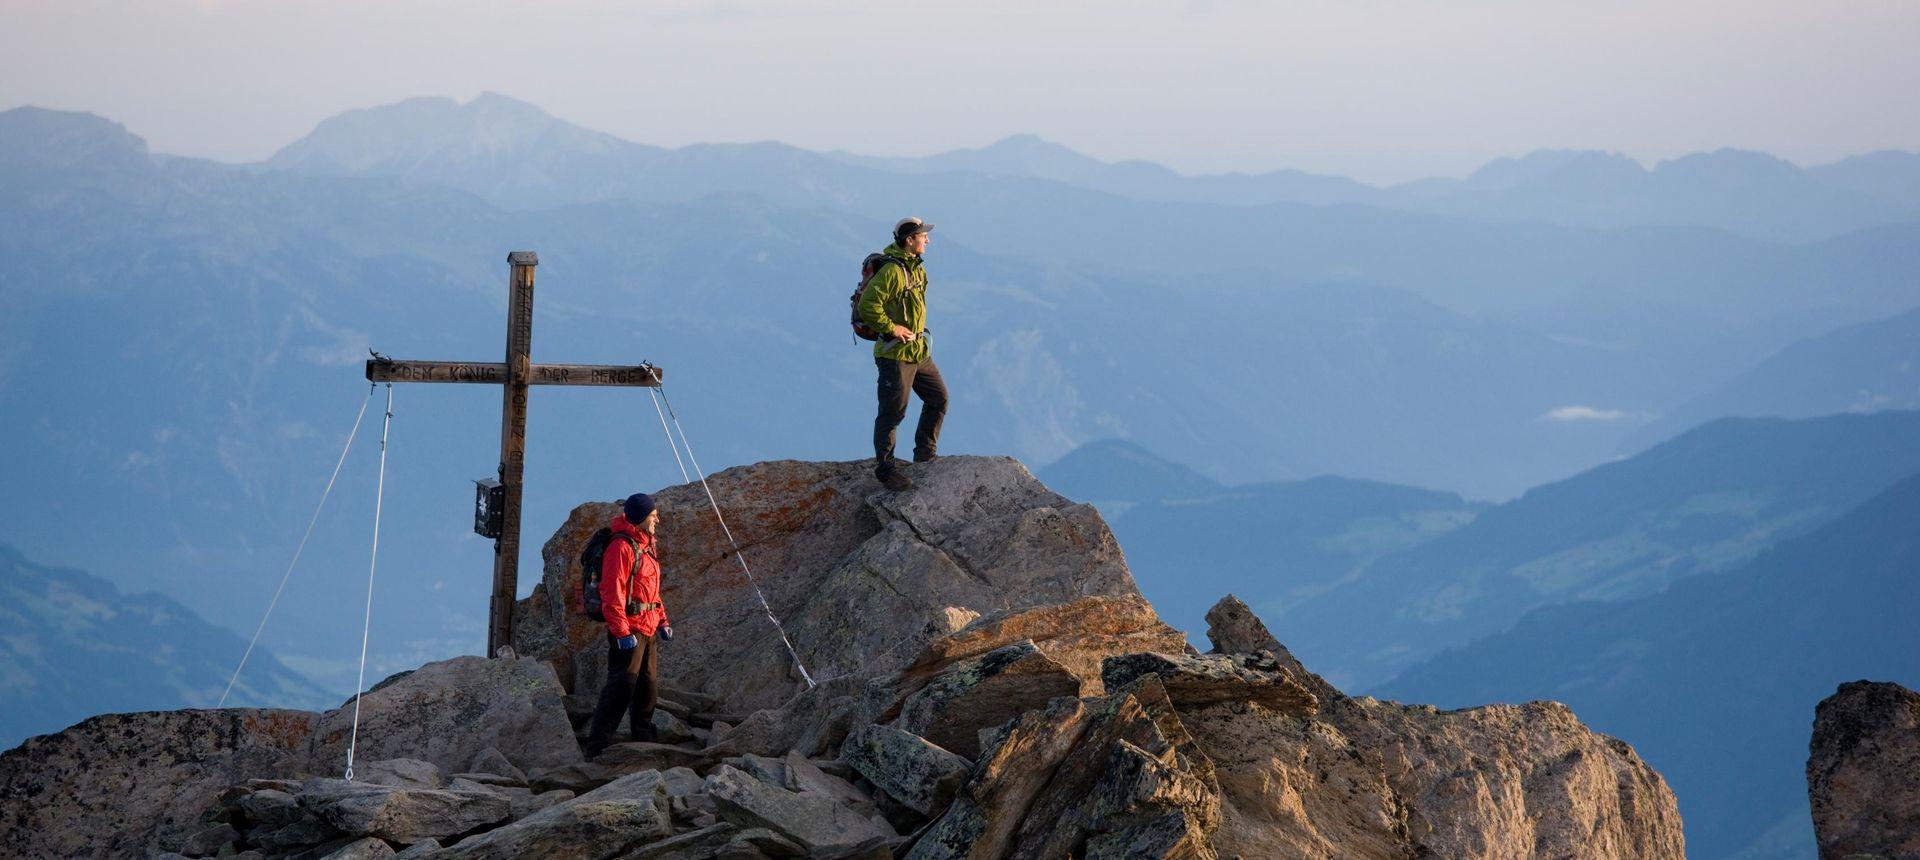 Archiv TVB Mayrhofen-Hippach: Bergsteigen ©Bernd Ritschel